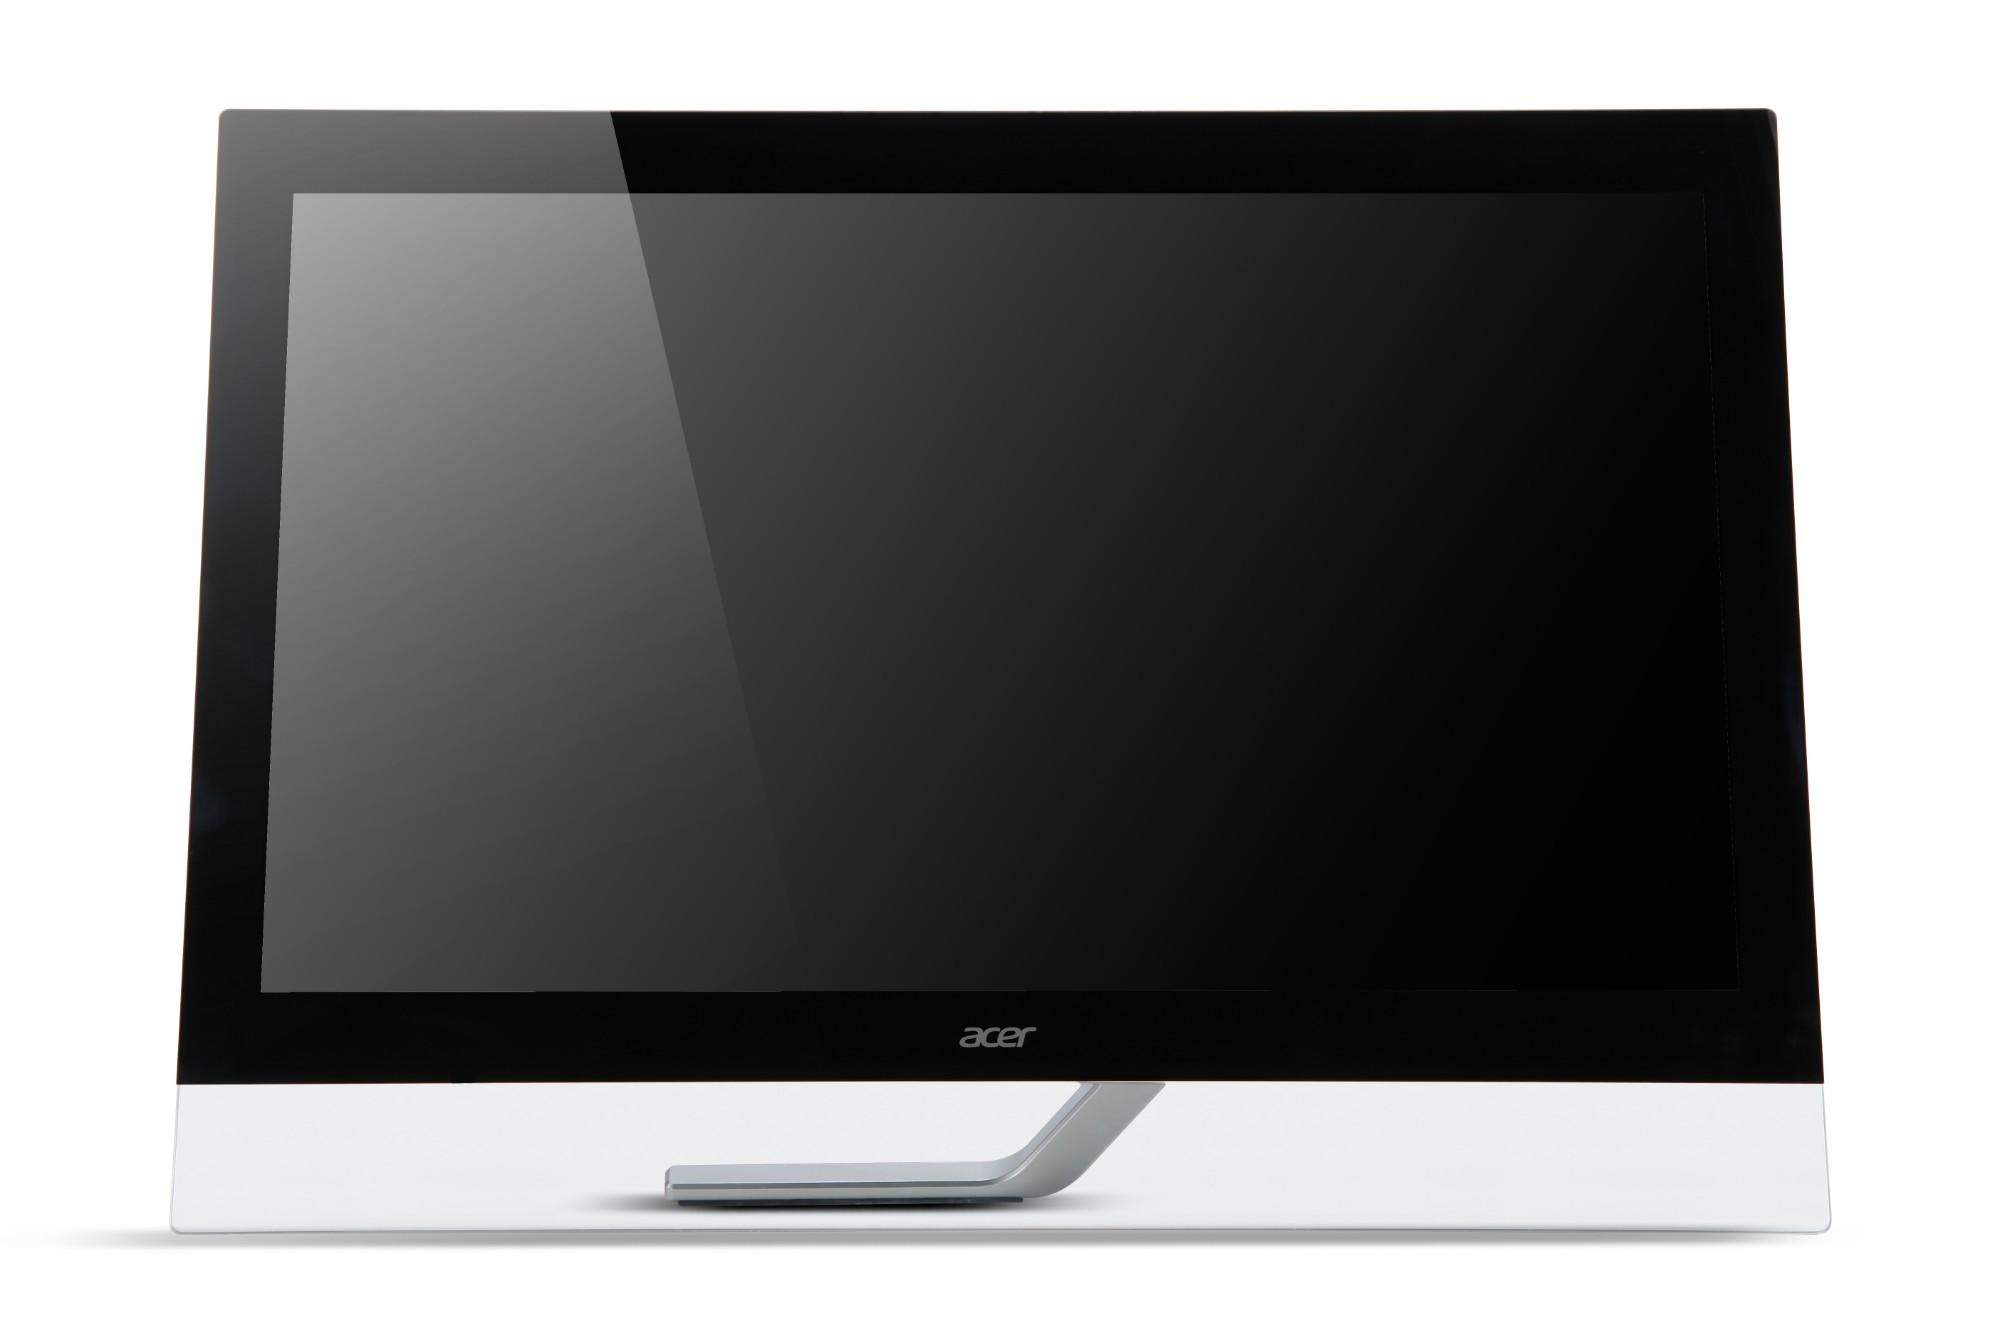 Monitor LCD 27in T272hlbmjjz 16:9 1920x1080@60hz 5ms